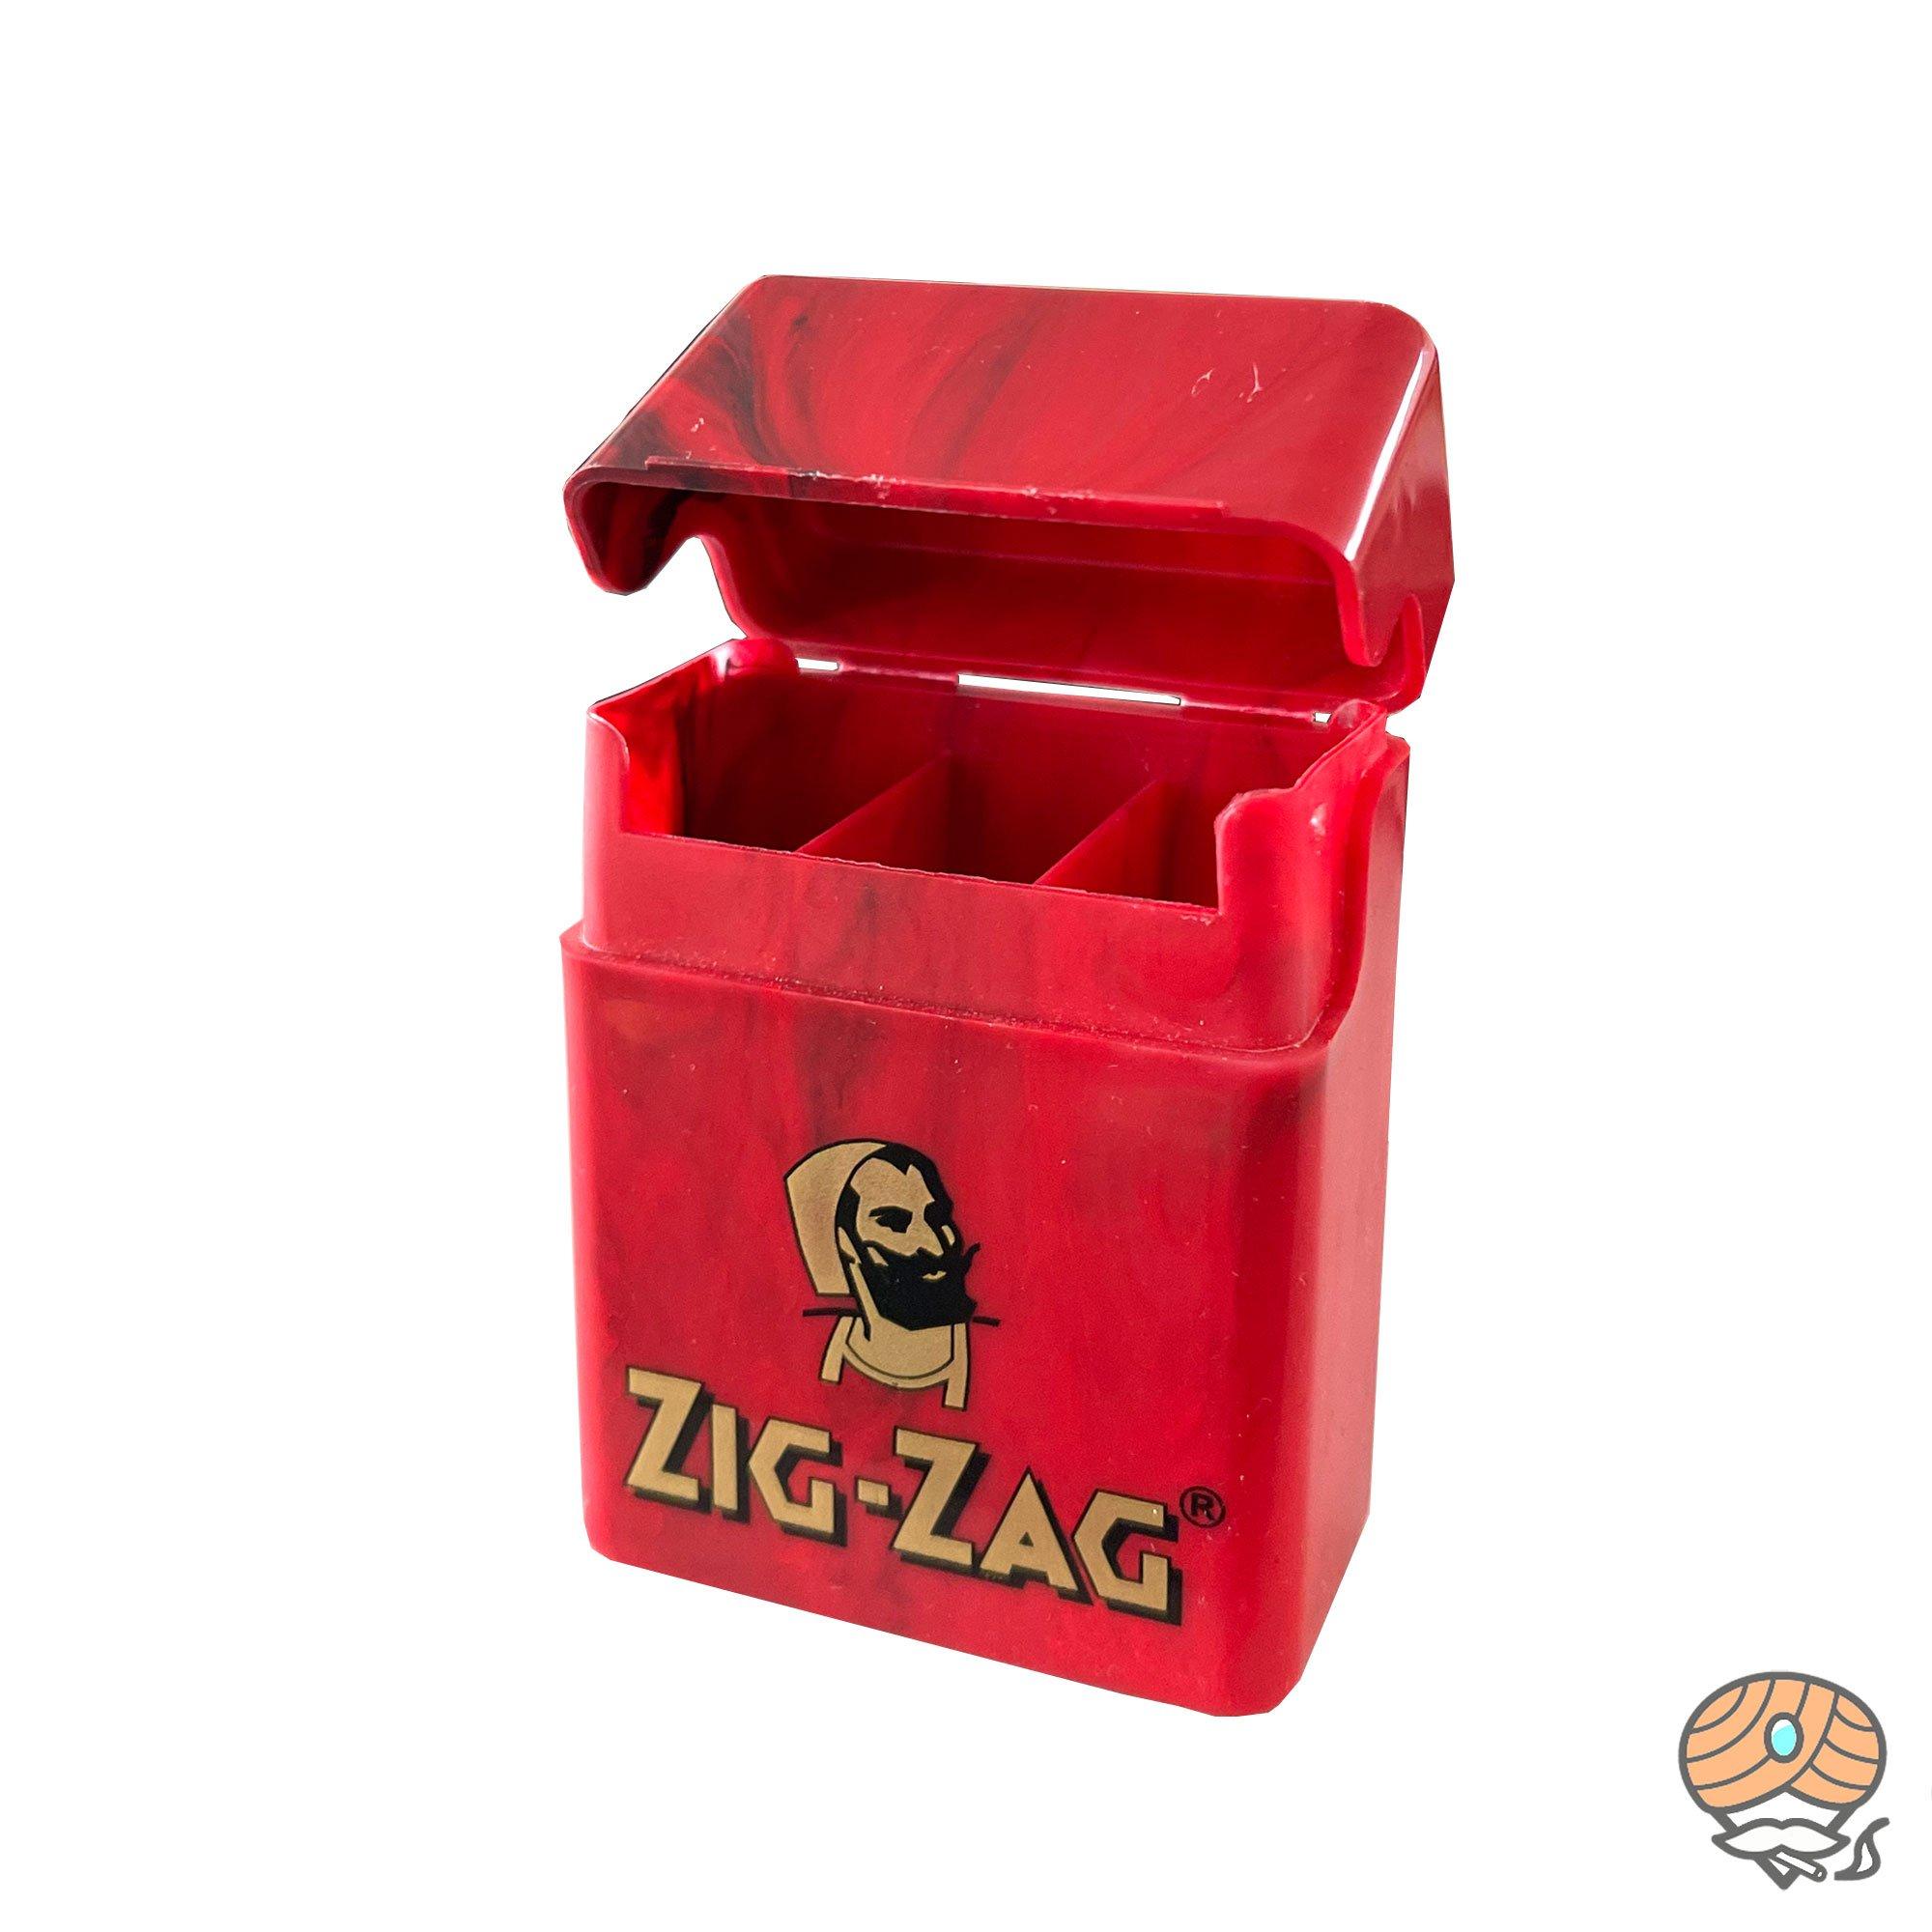 Zig-Zag Mini Zigarettenbox mit 3fach Unterteilung